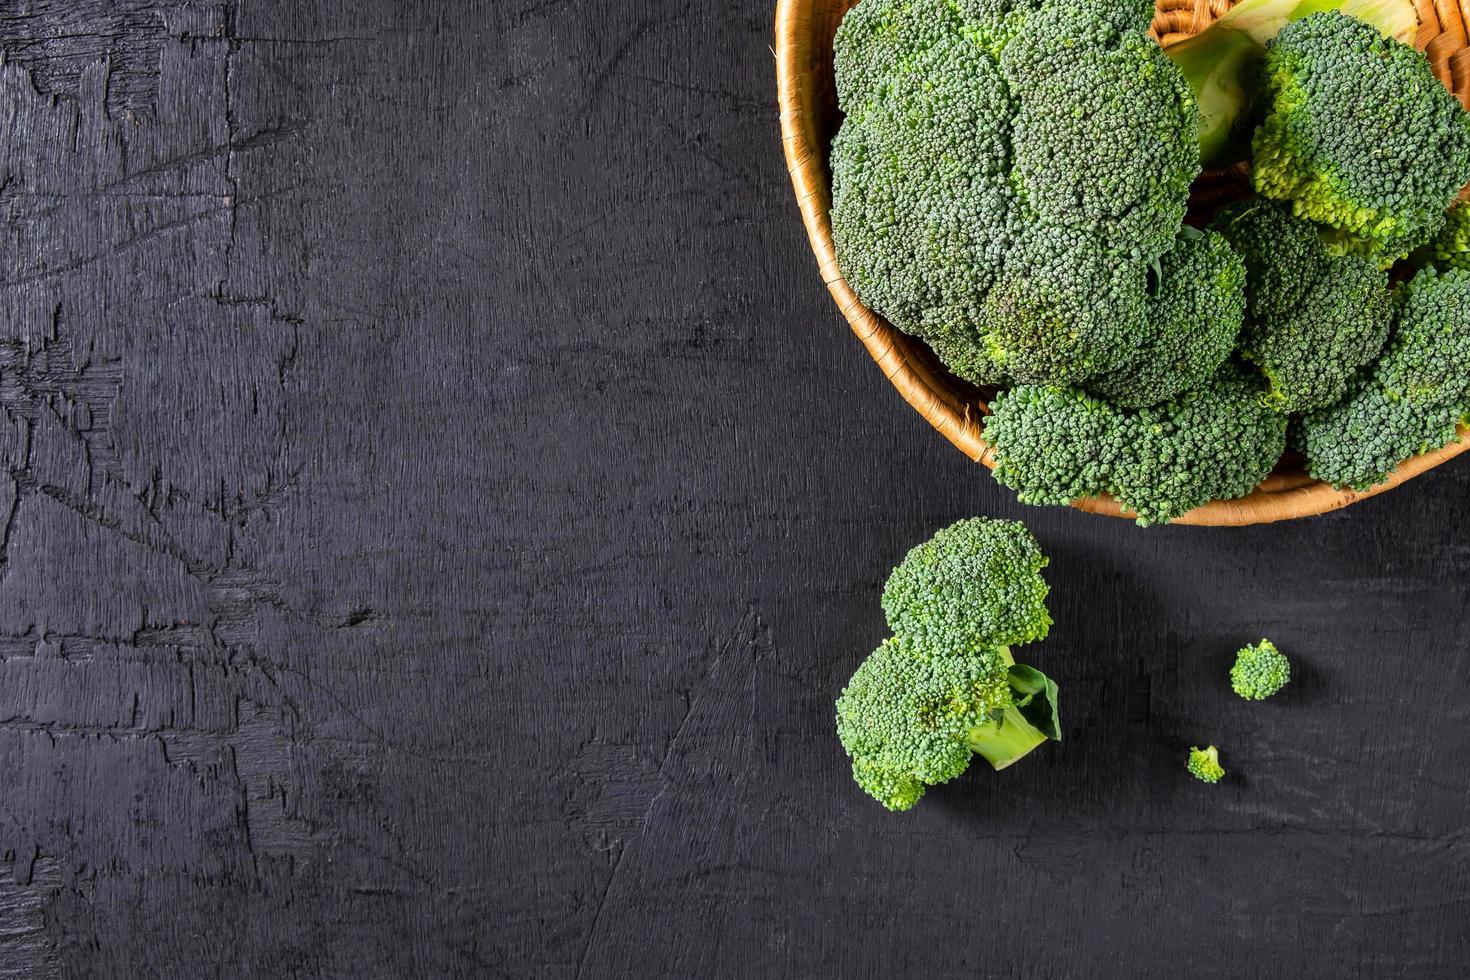 Fleurons de brocoli dans un panier photo